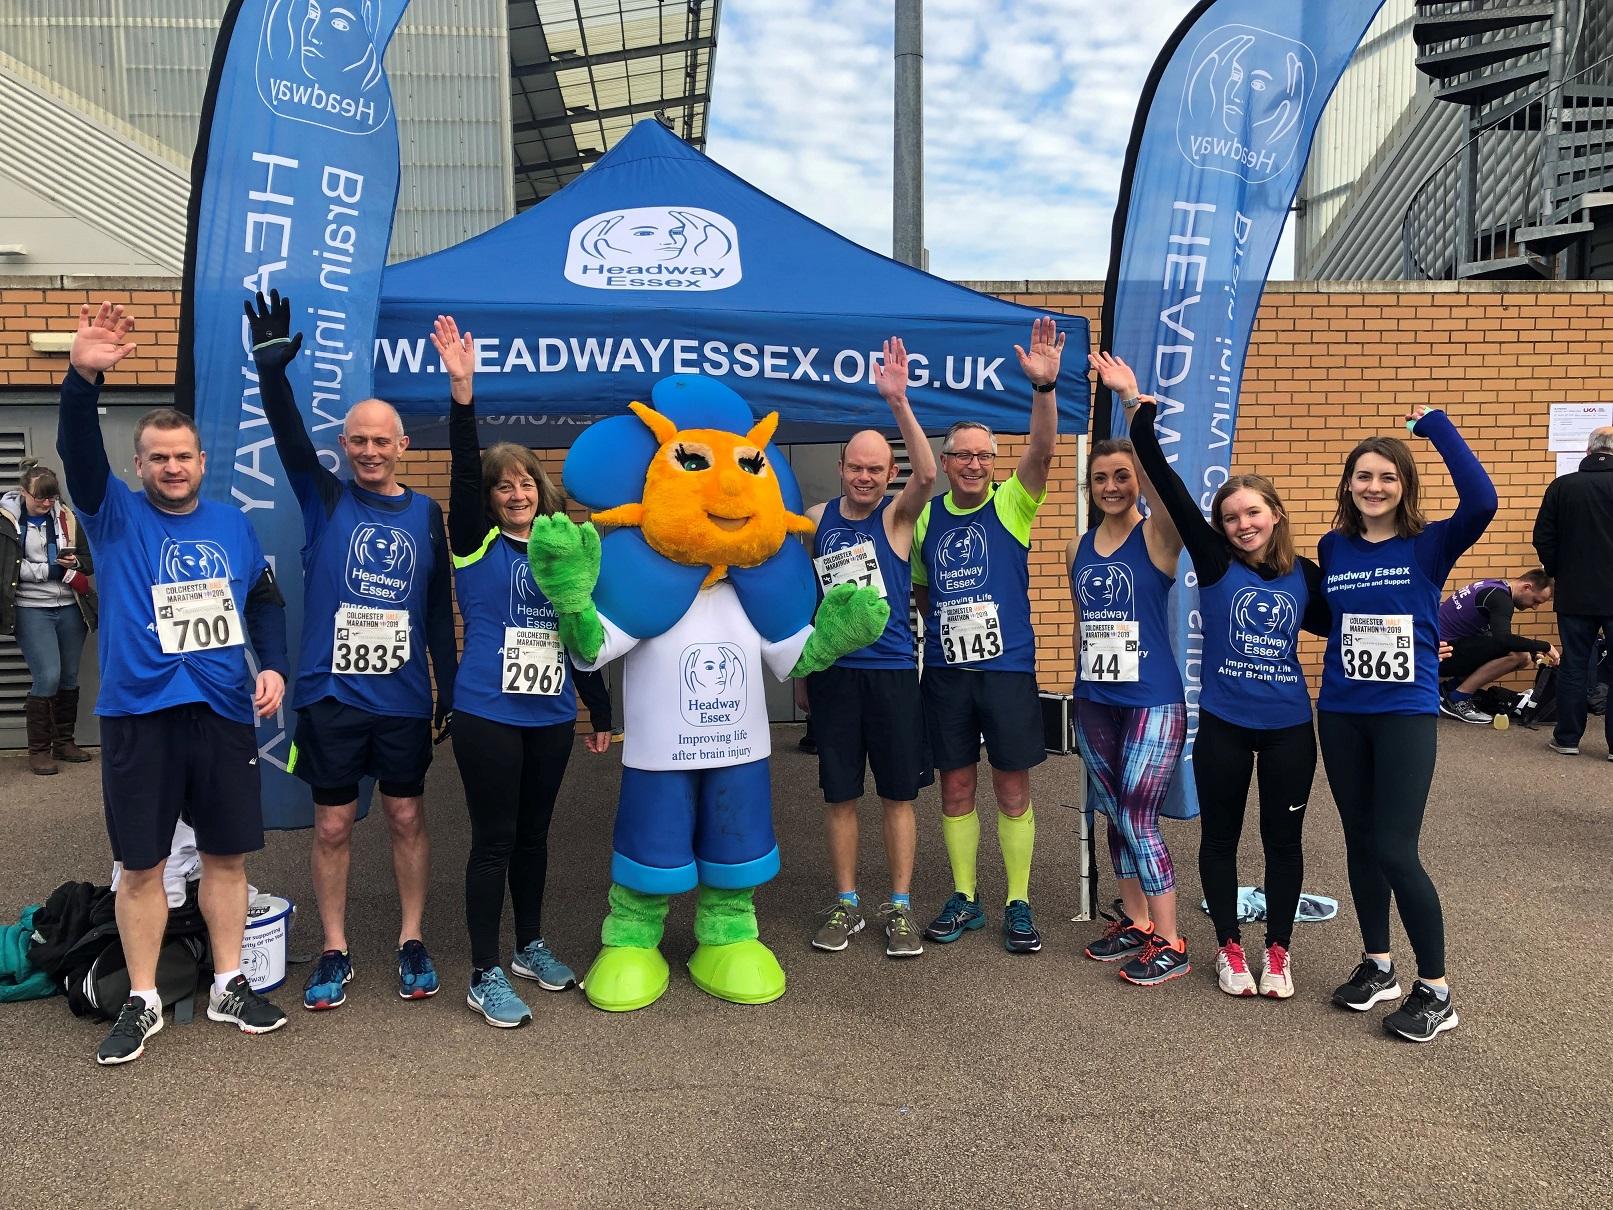 Colchester Half Marathon Group with Frankie